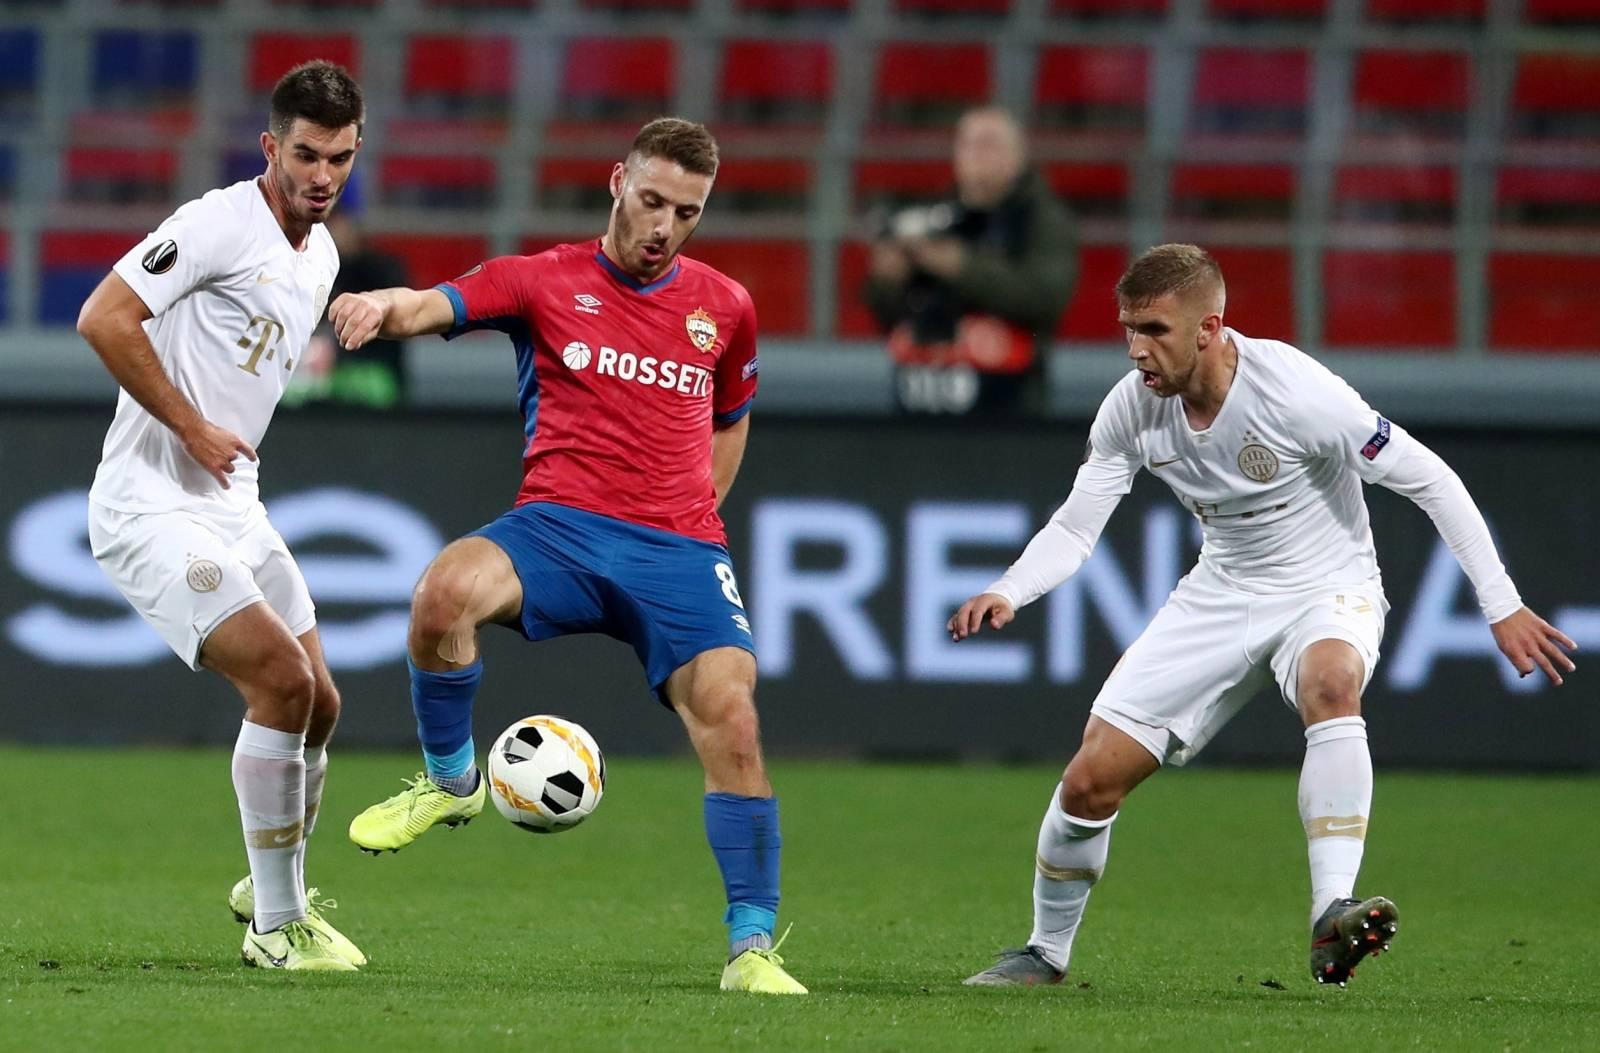 Europa League - Group H - CSKA Moscow v Ferencvaros